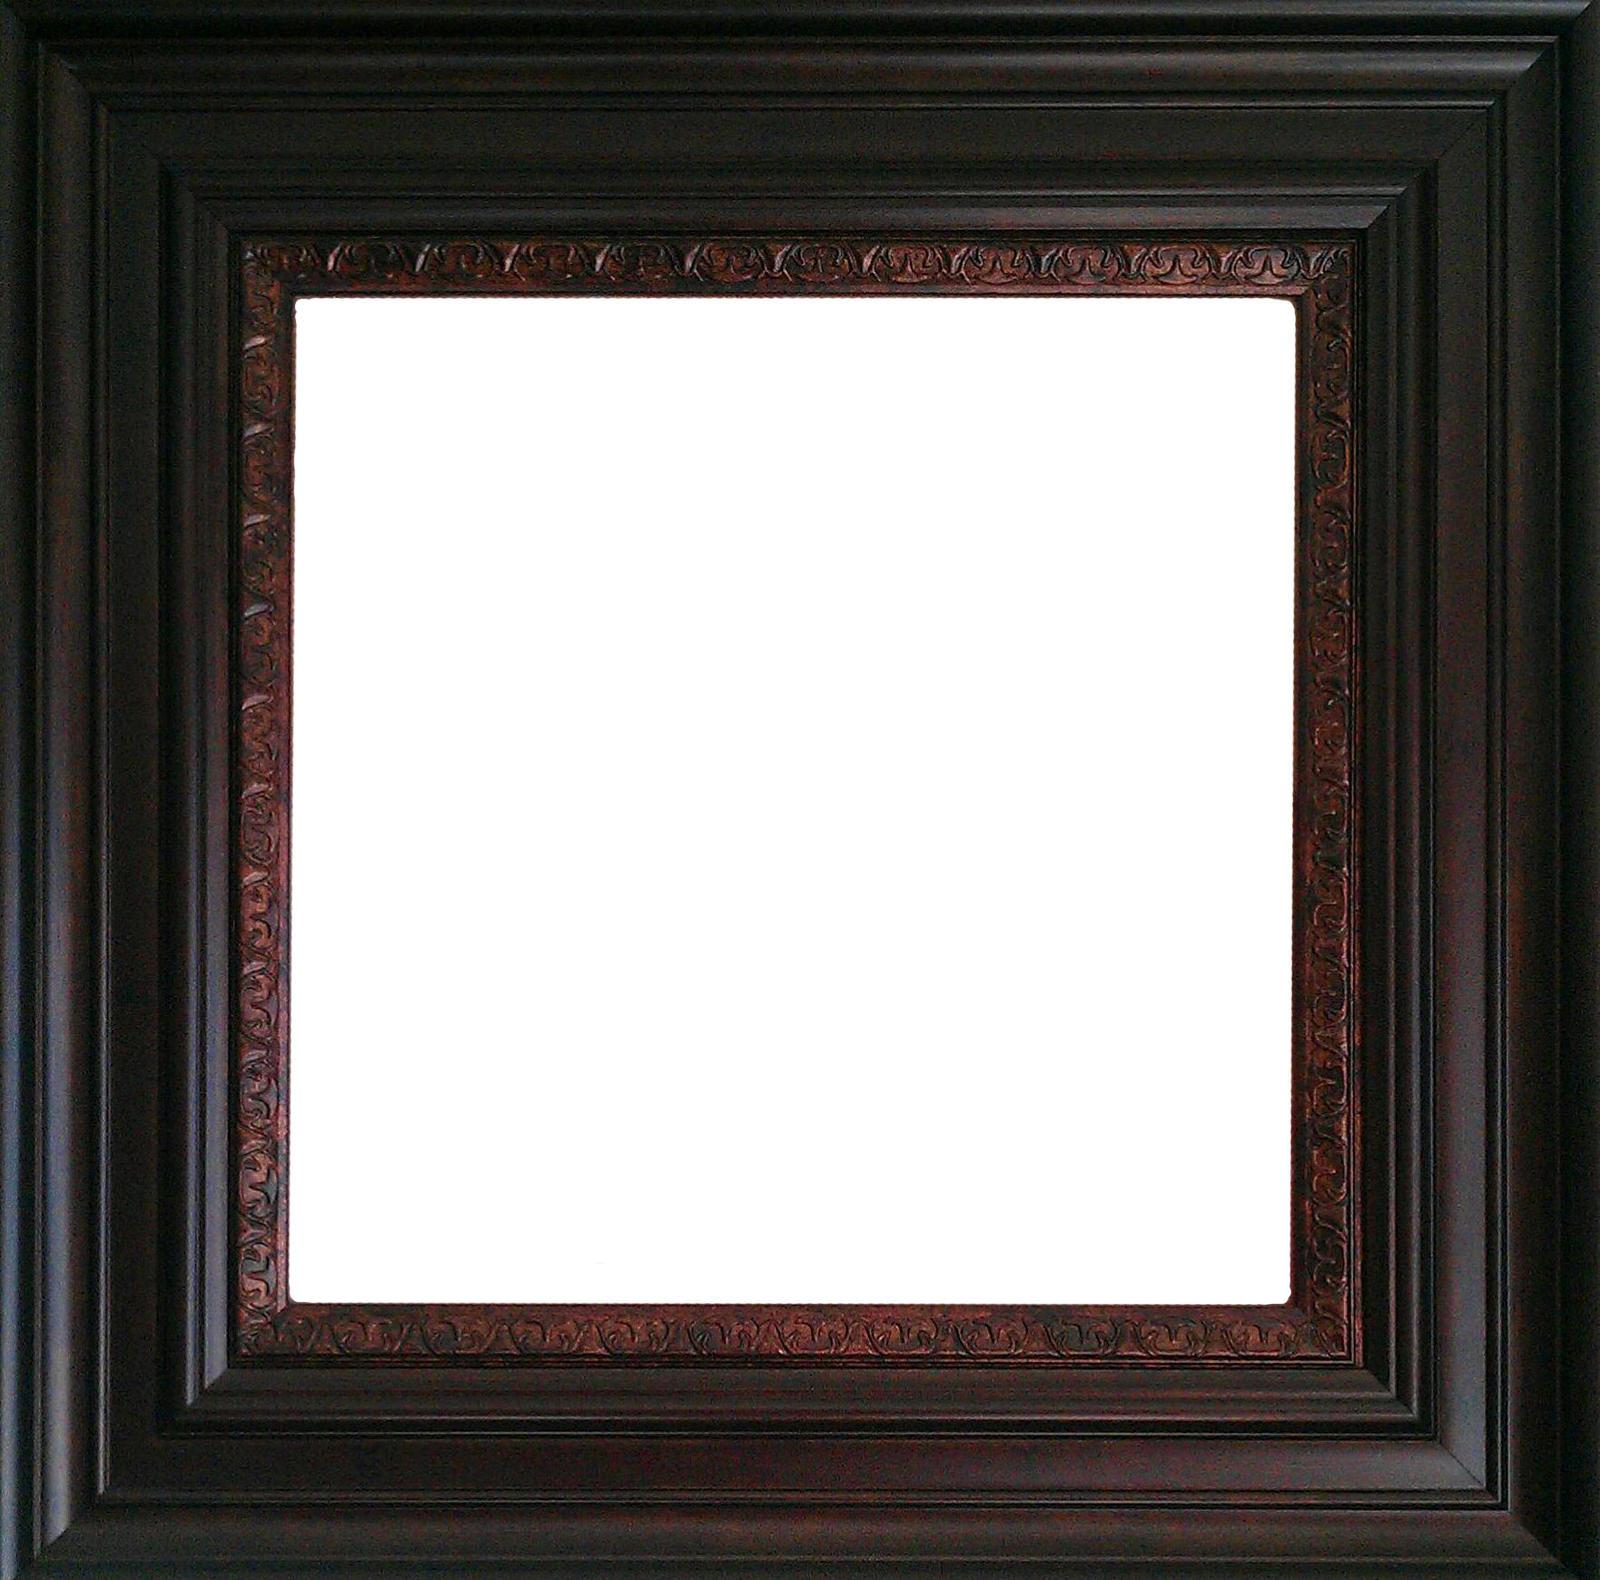 Dark Wood Frame Stock by MoonlitStock on DeviantArt